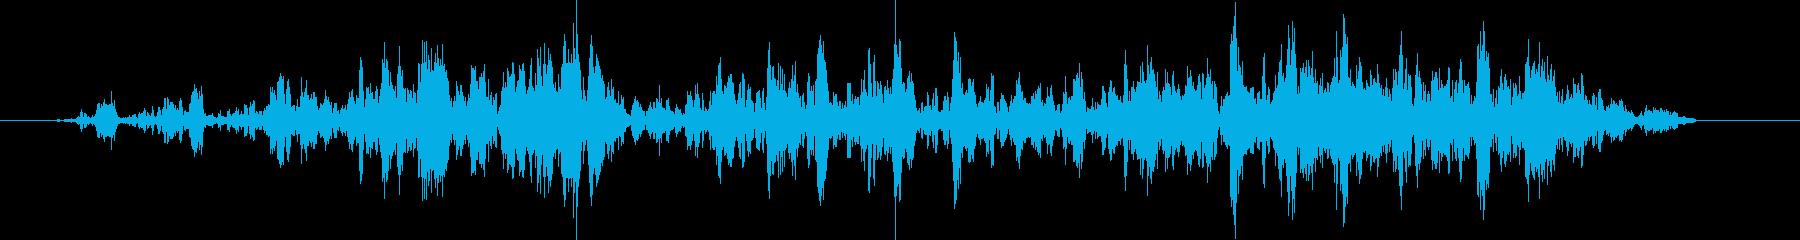 宇宙人 奇妙な音 宇宙語 の再生済みの波形